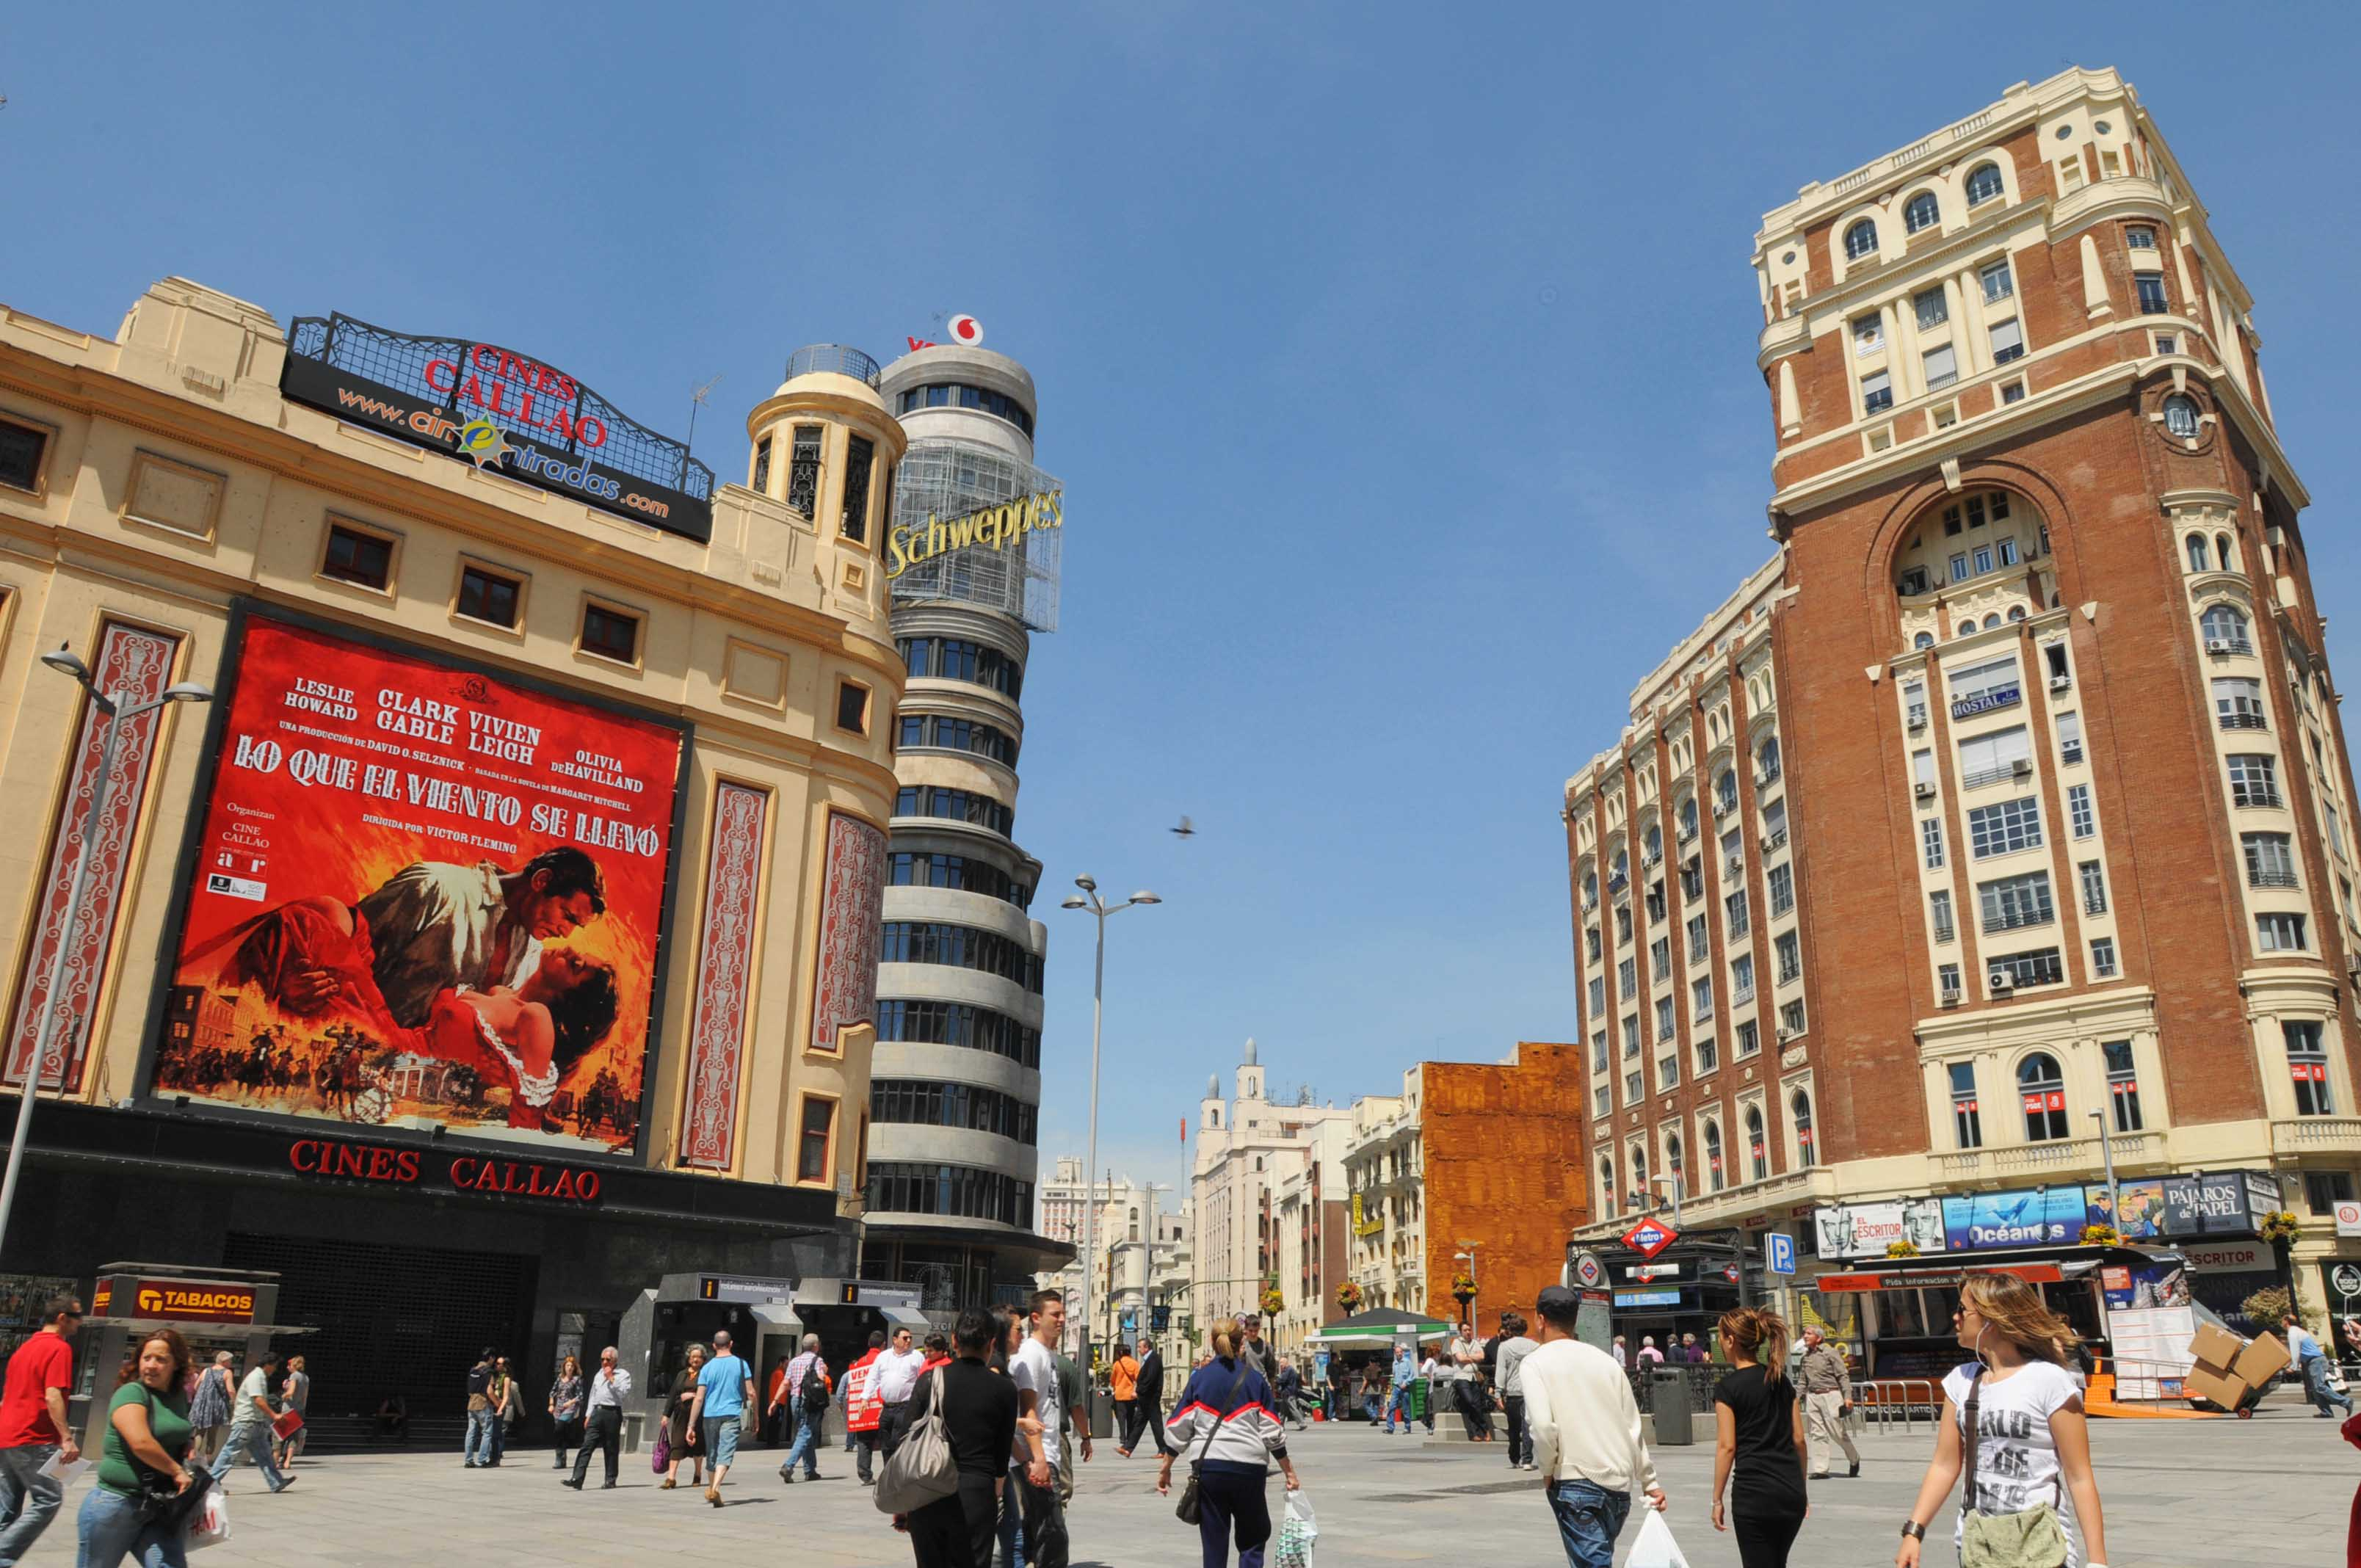 Lo que el viento se llev en la gran v a ayuntamiento de - Hotel el quijote madrid ...